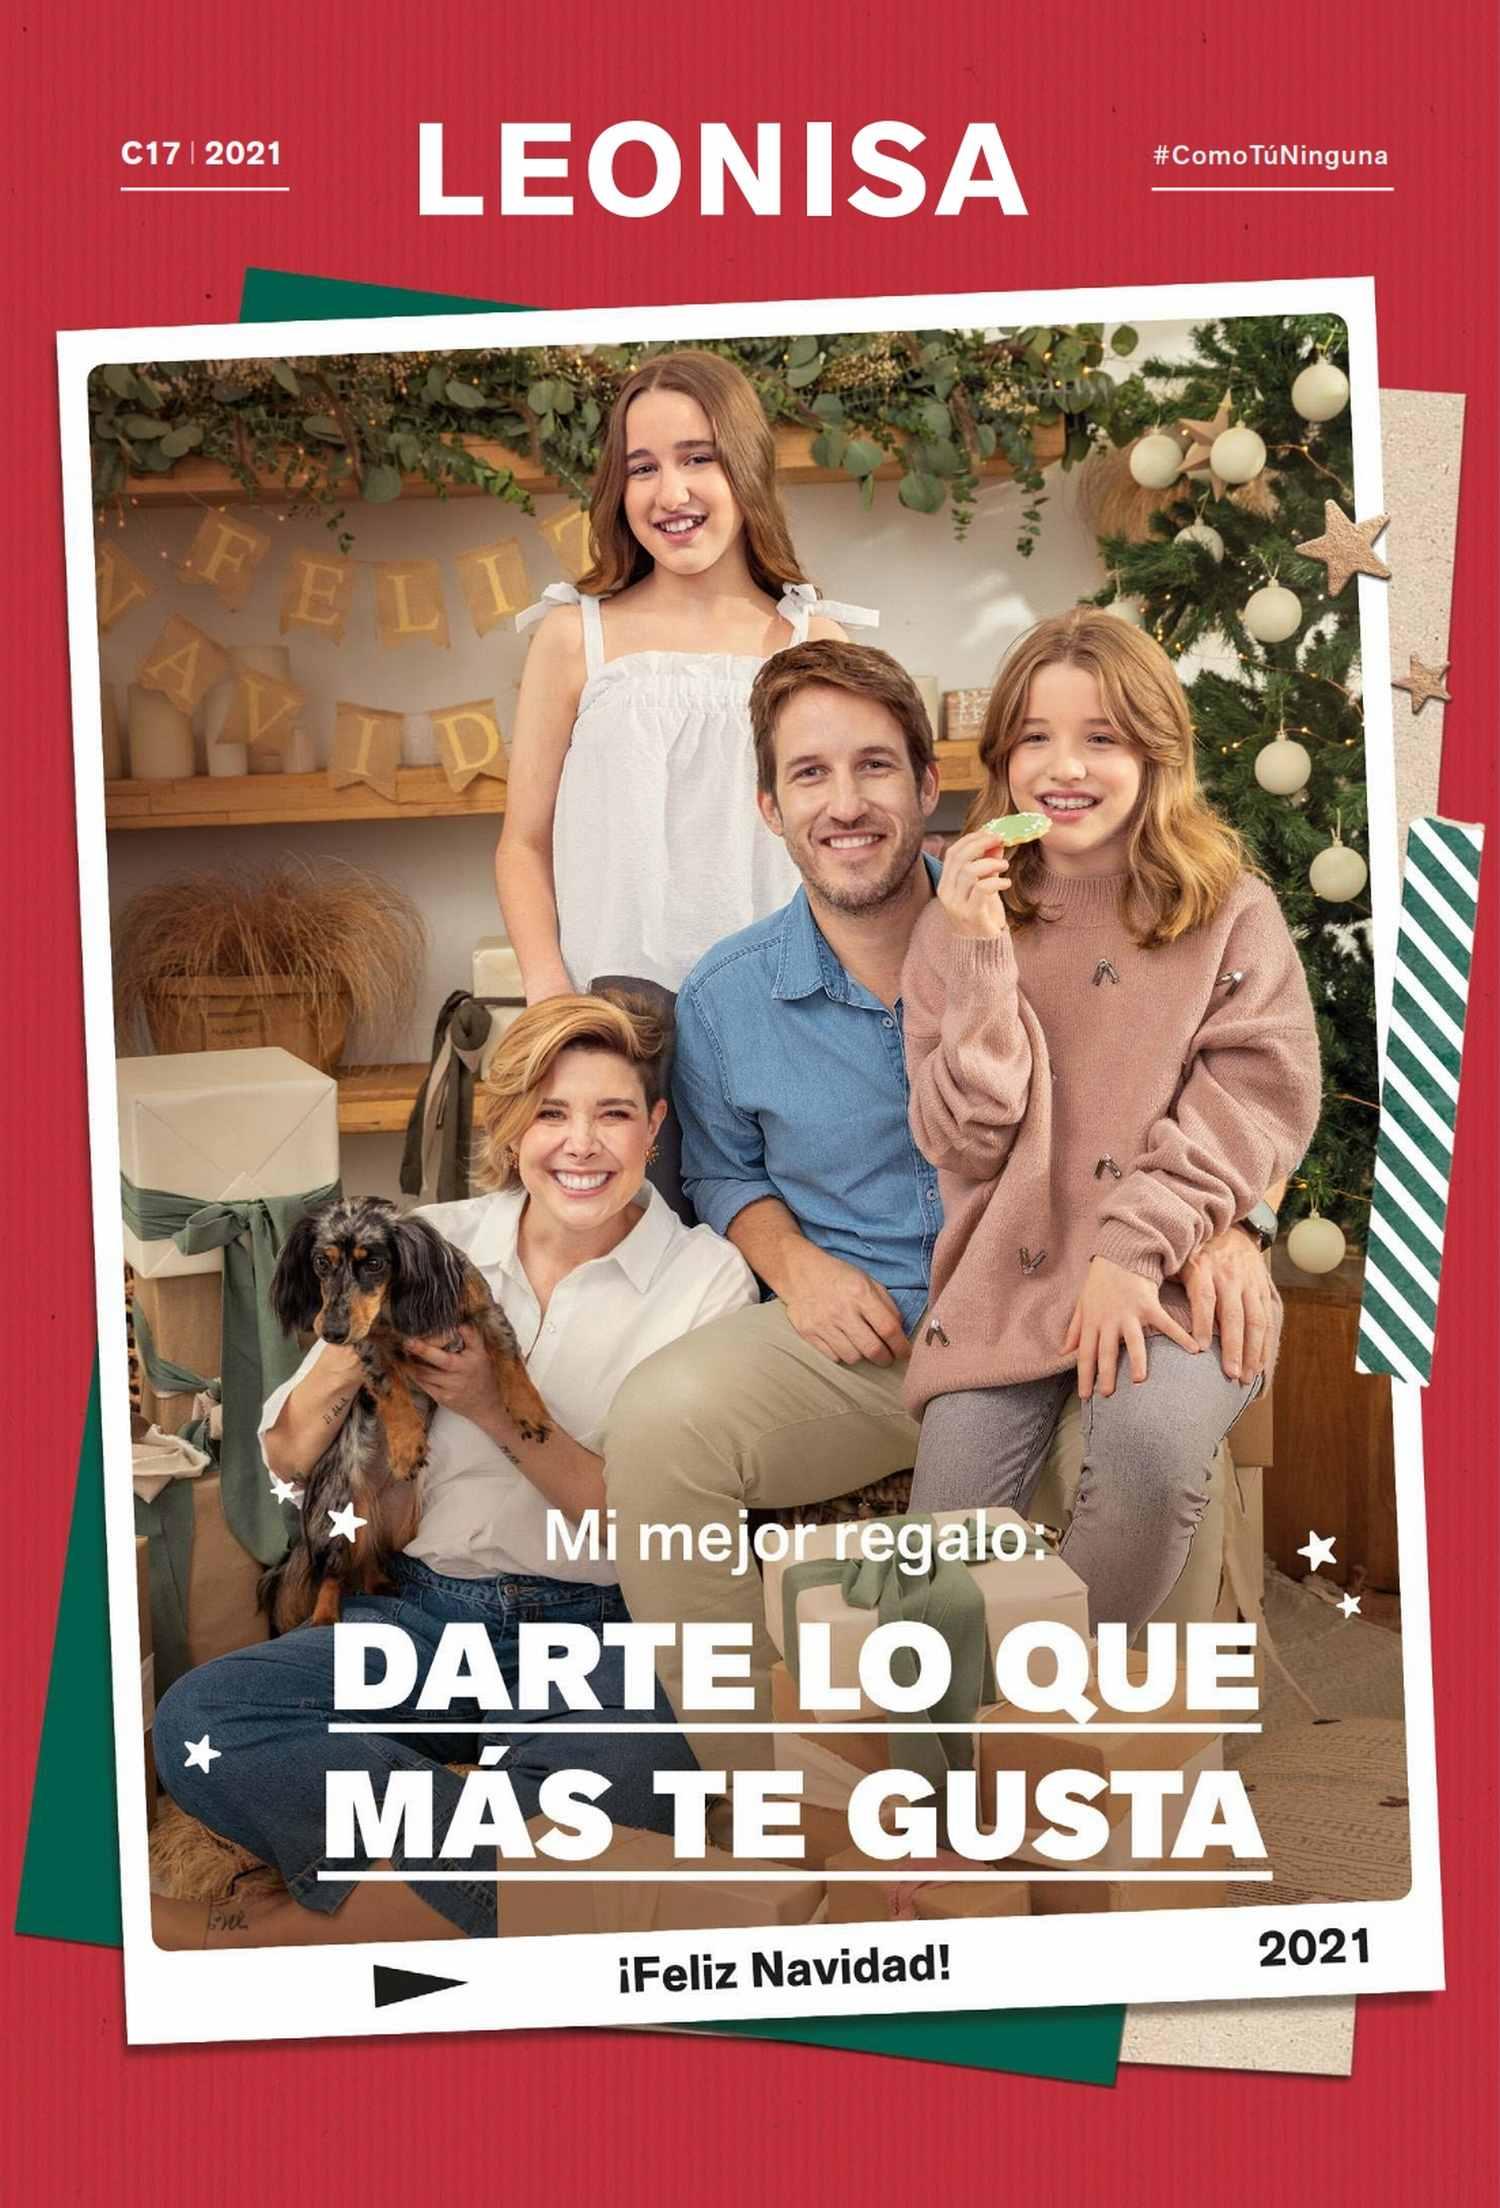 Catálogo Leonisa Campaña 17 2021 Colombia